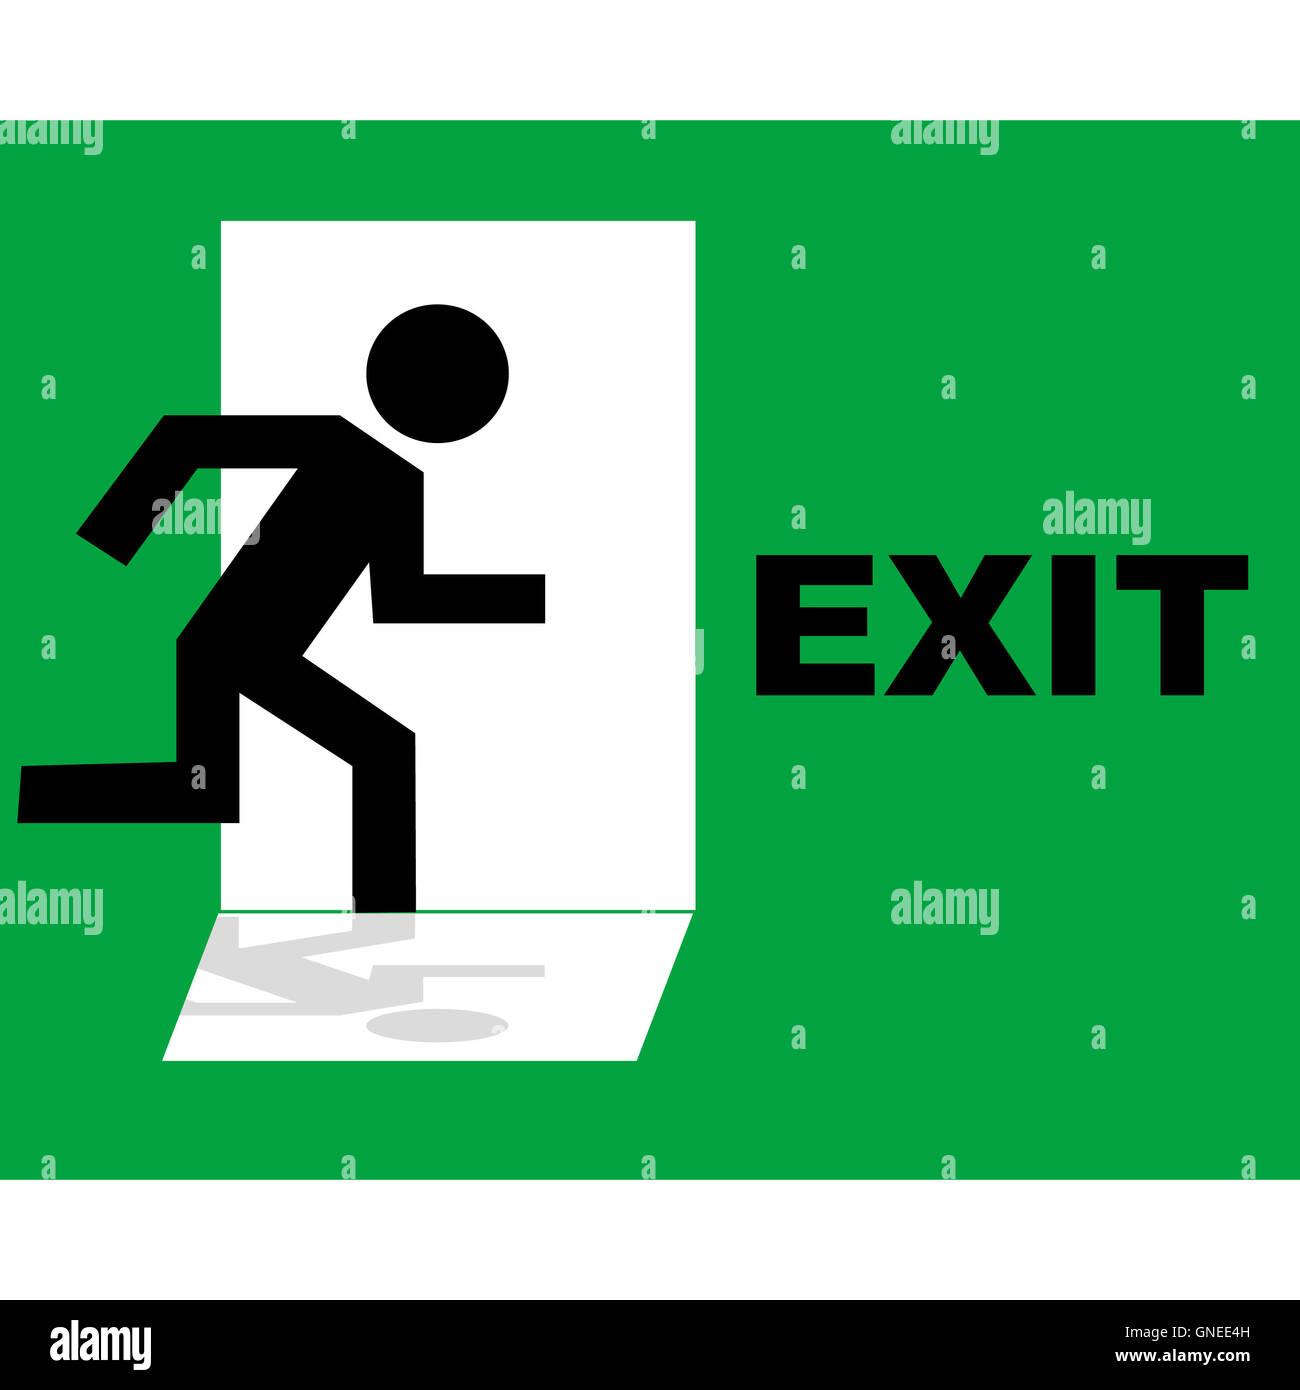 emergency exit door sign stockfotos emergency exit door sign bilder seite 3 alamy. Black Bedroom Furniture Sets. Home Design Ideas